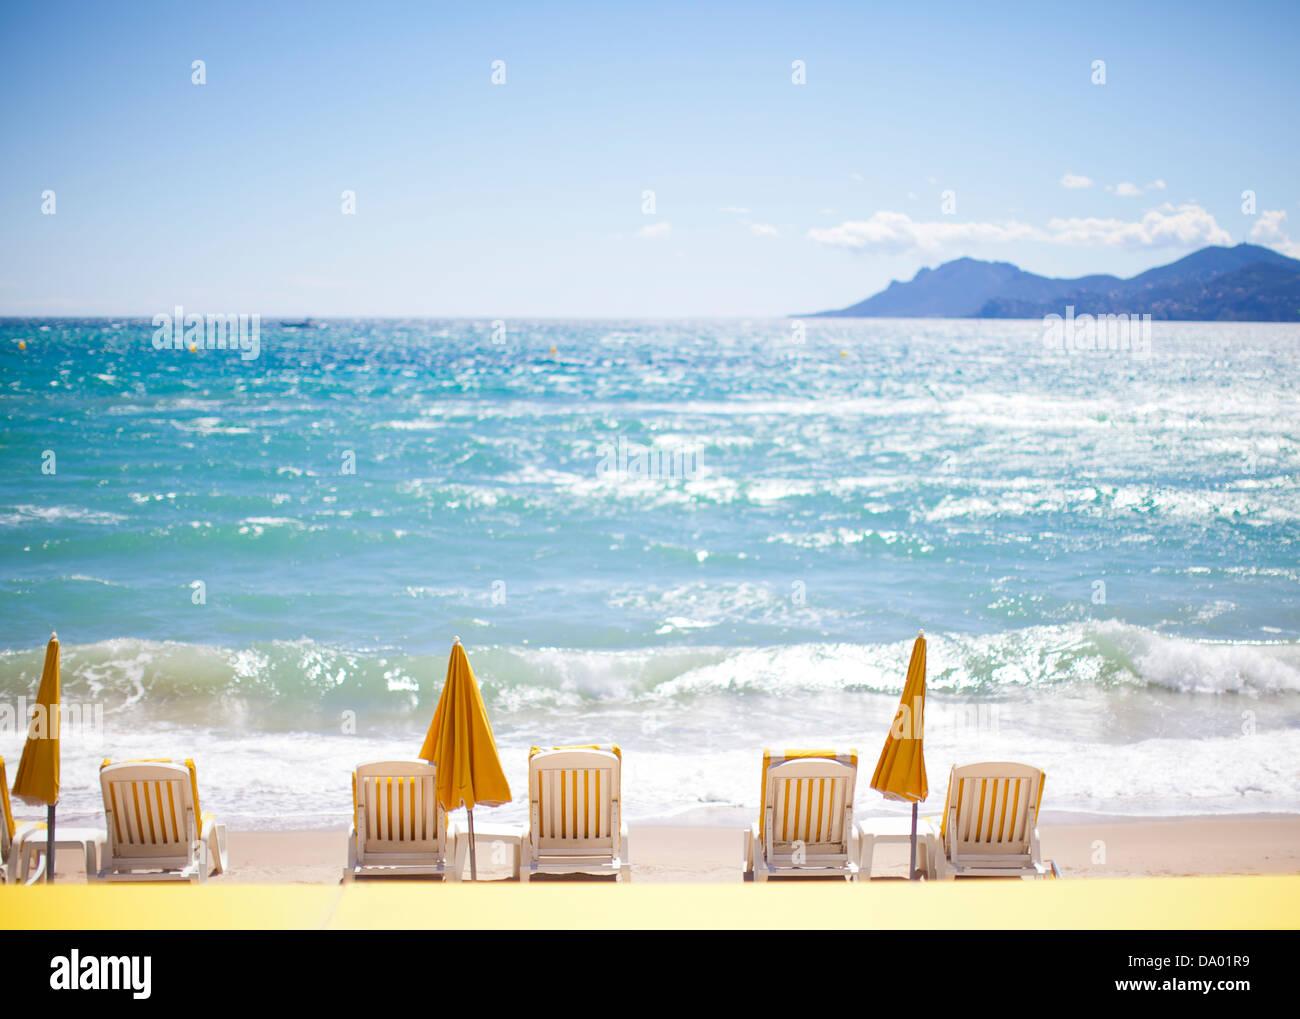 Reihe von gelben Sonnenschirme und liegen am Mittelmeer. Stockbild